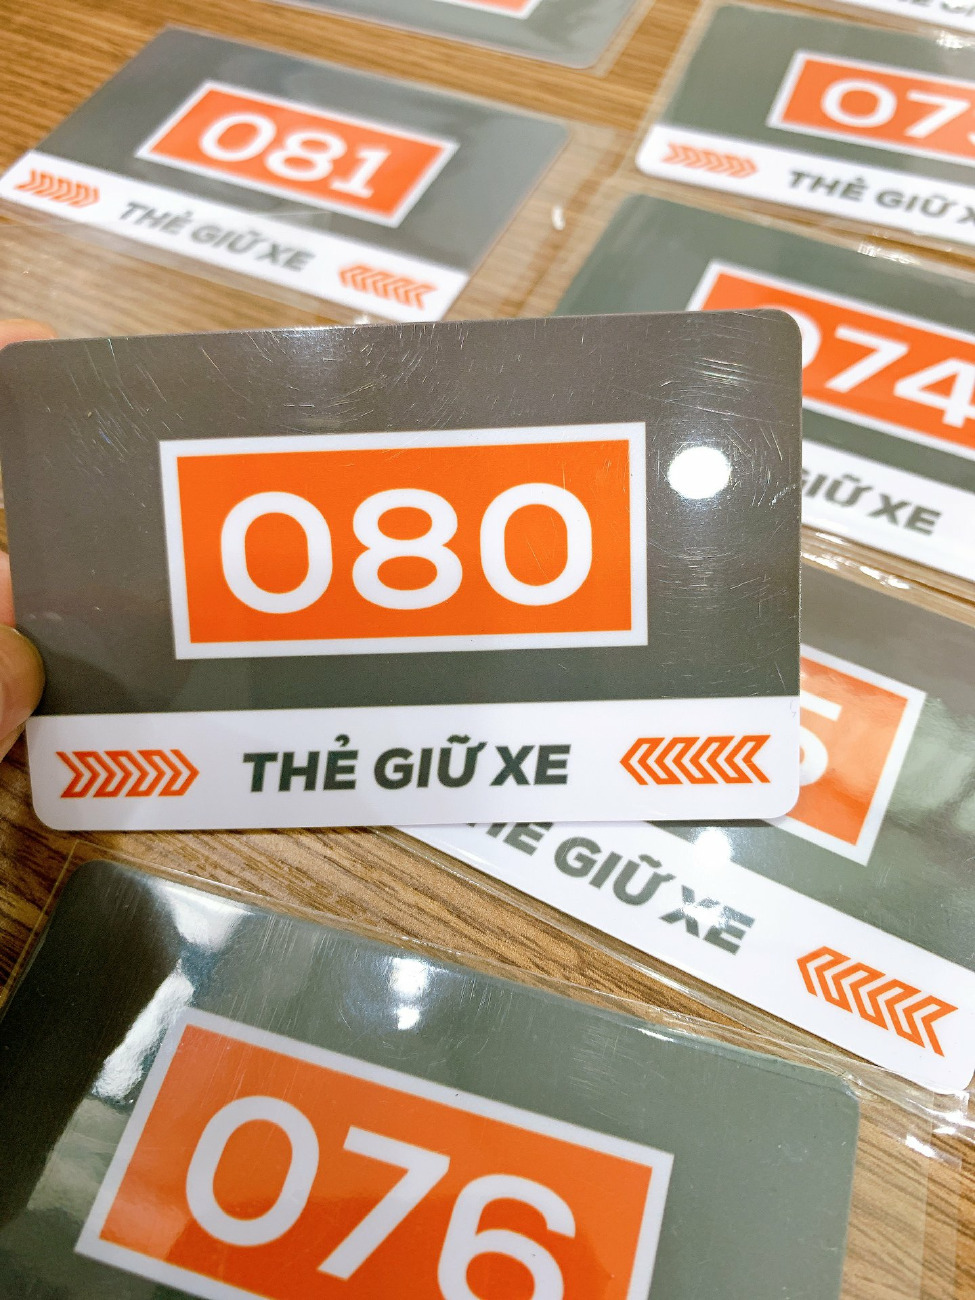 In vé gửi xe bằng thẻ nhựa PVC, in vé gửi xe bằng thẻ nhựa, in thẻ nhựa giá rẻ